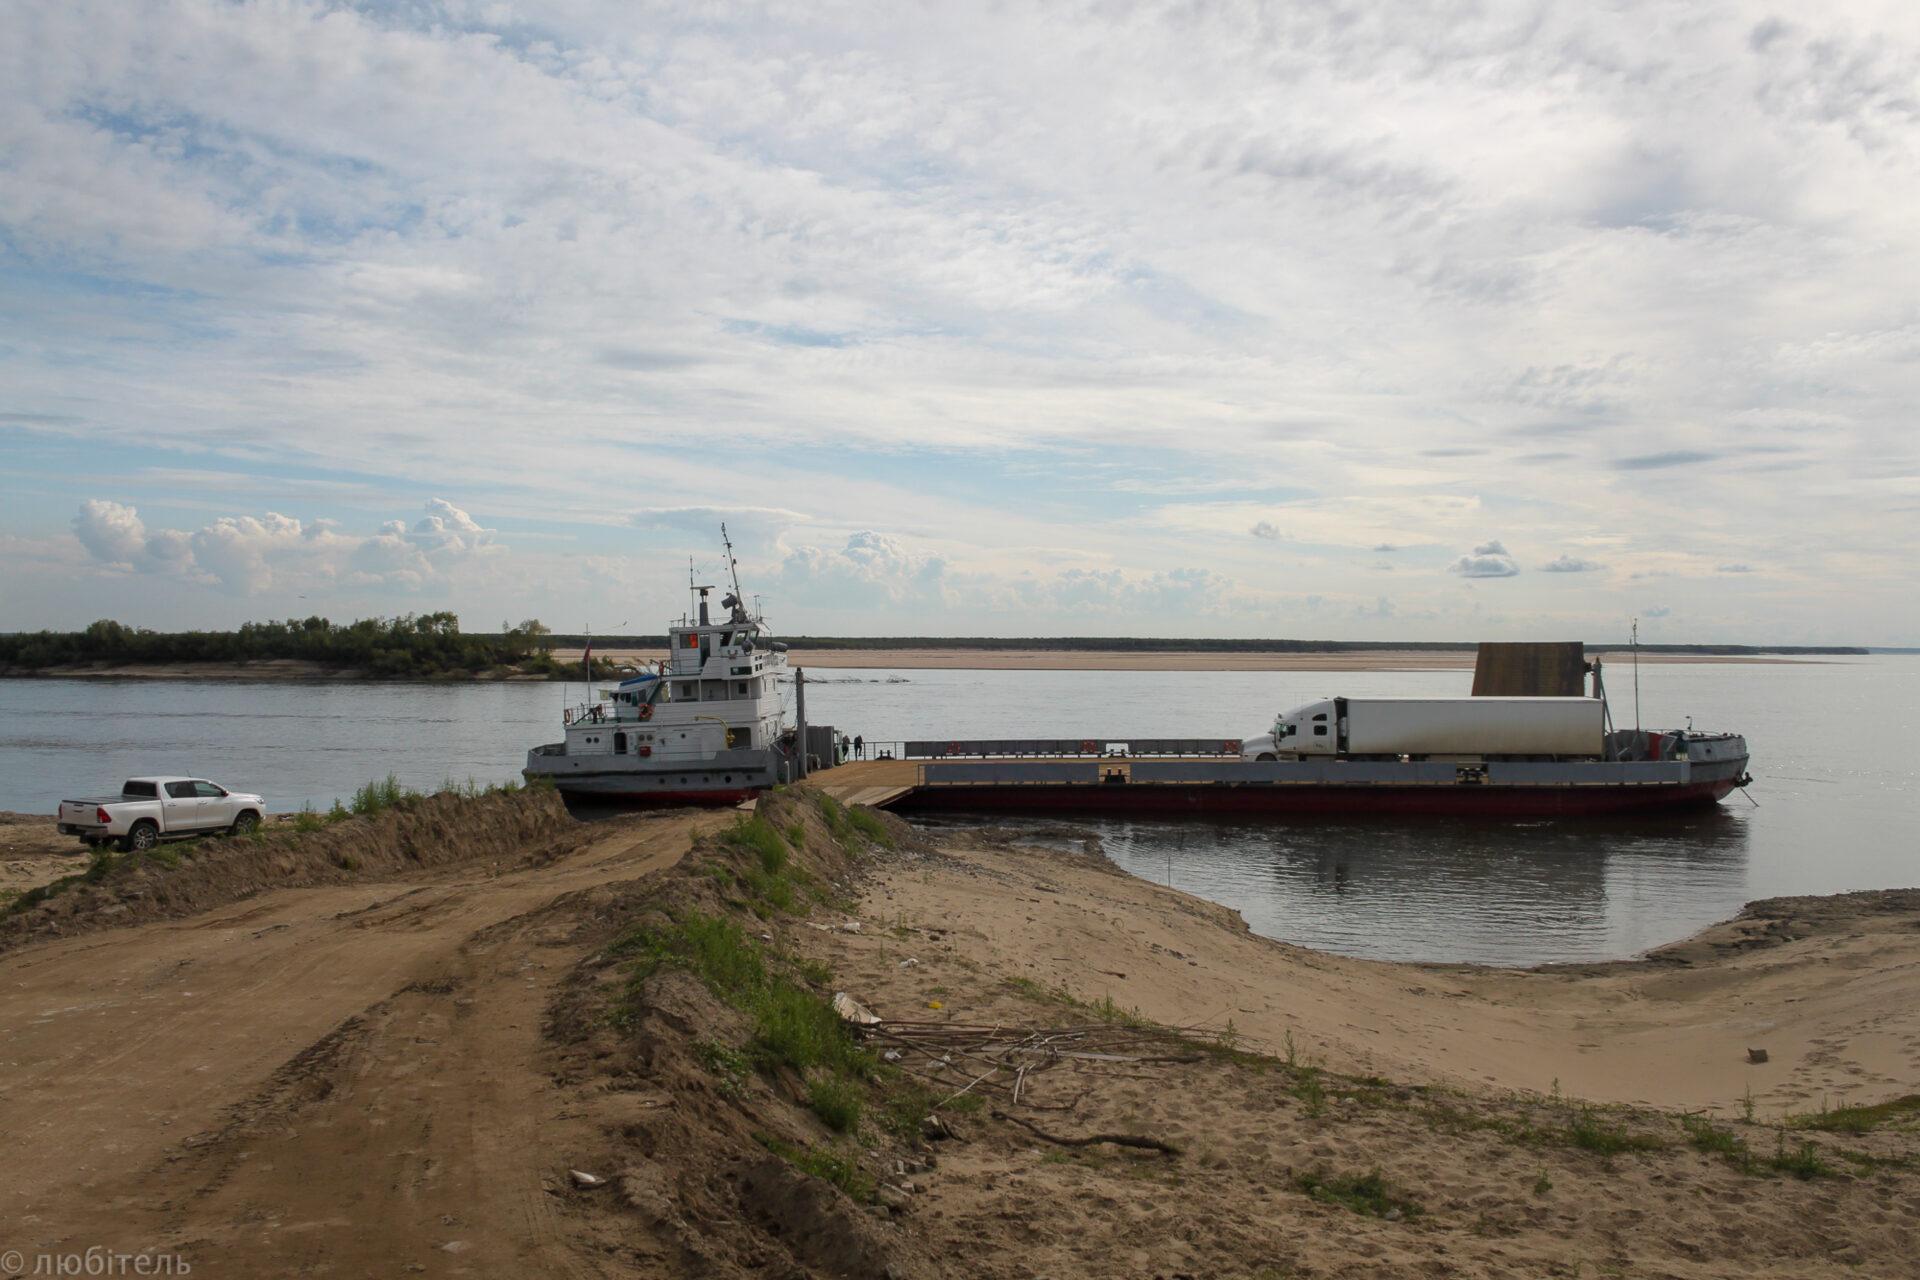 Плыла-качалась лодочка, дапоТомпо-реке. Часть 1